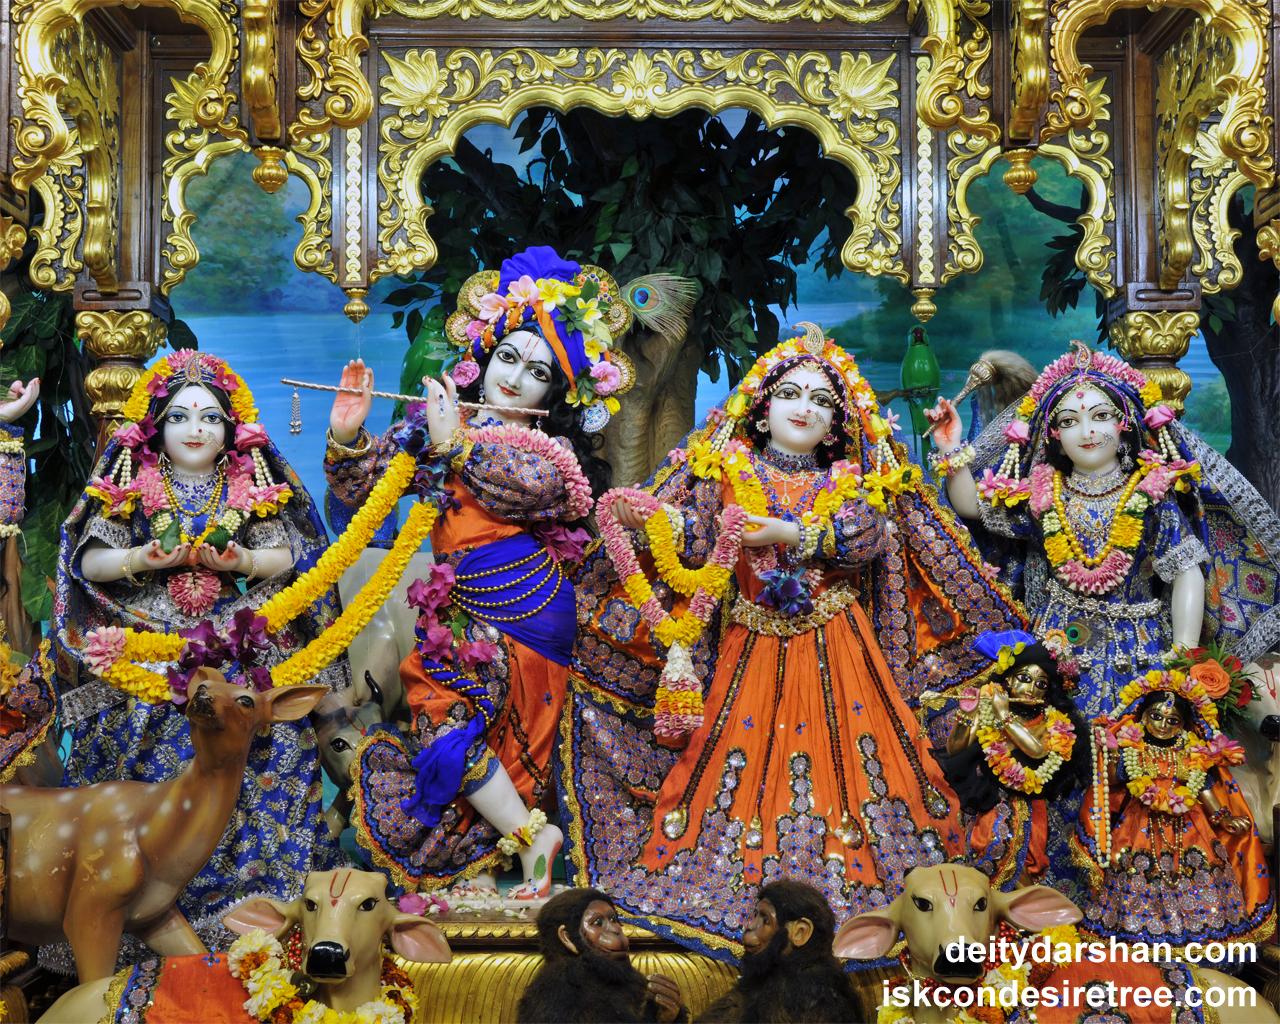 Sri Sri Radha Gopinath Lalita Vishakha Wallpaper (051) Size 1280x1024 Download